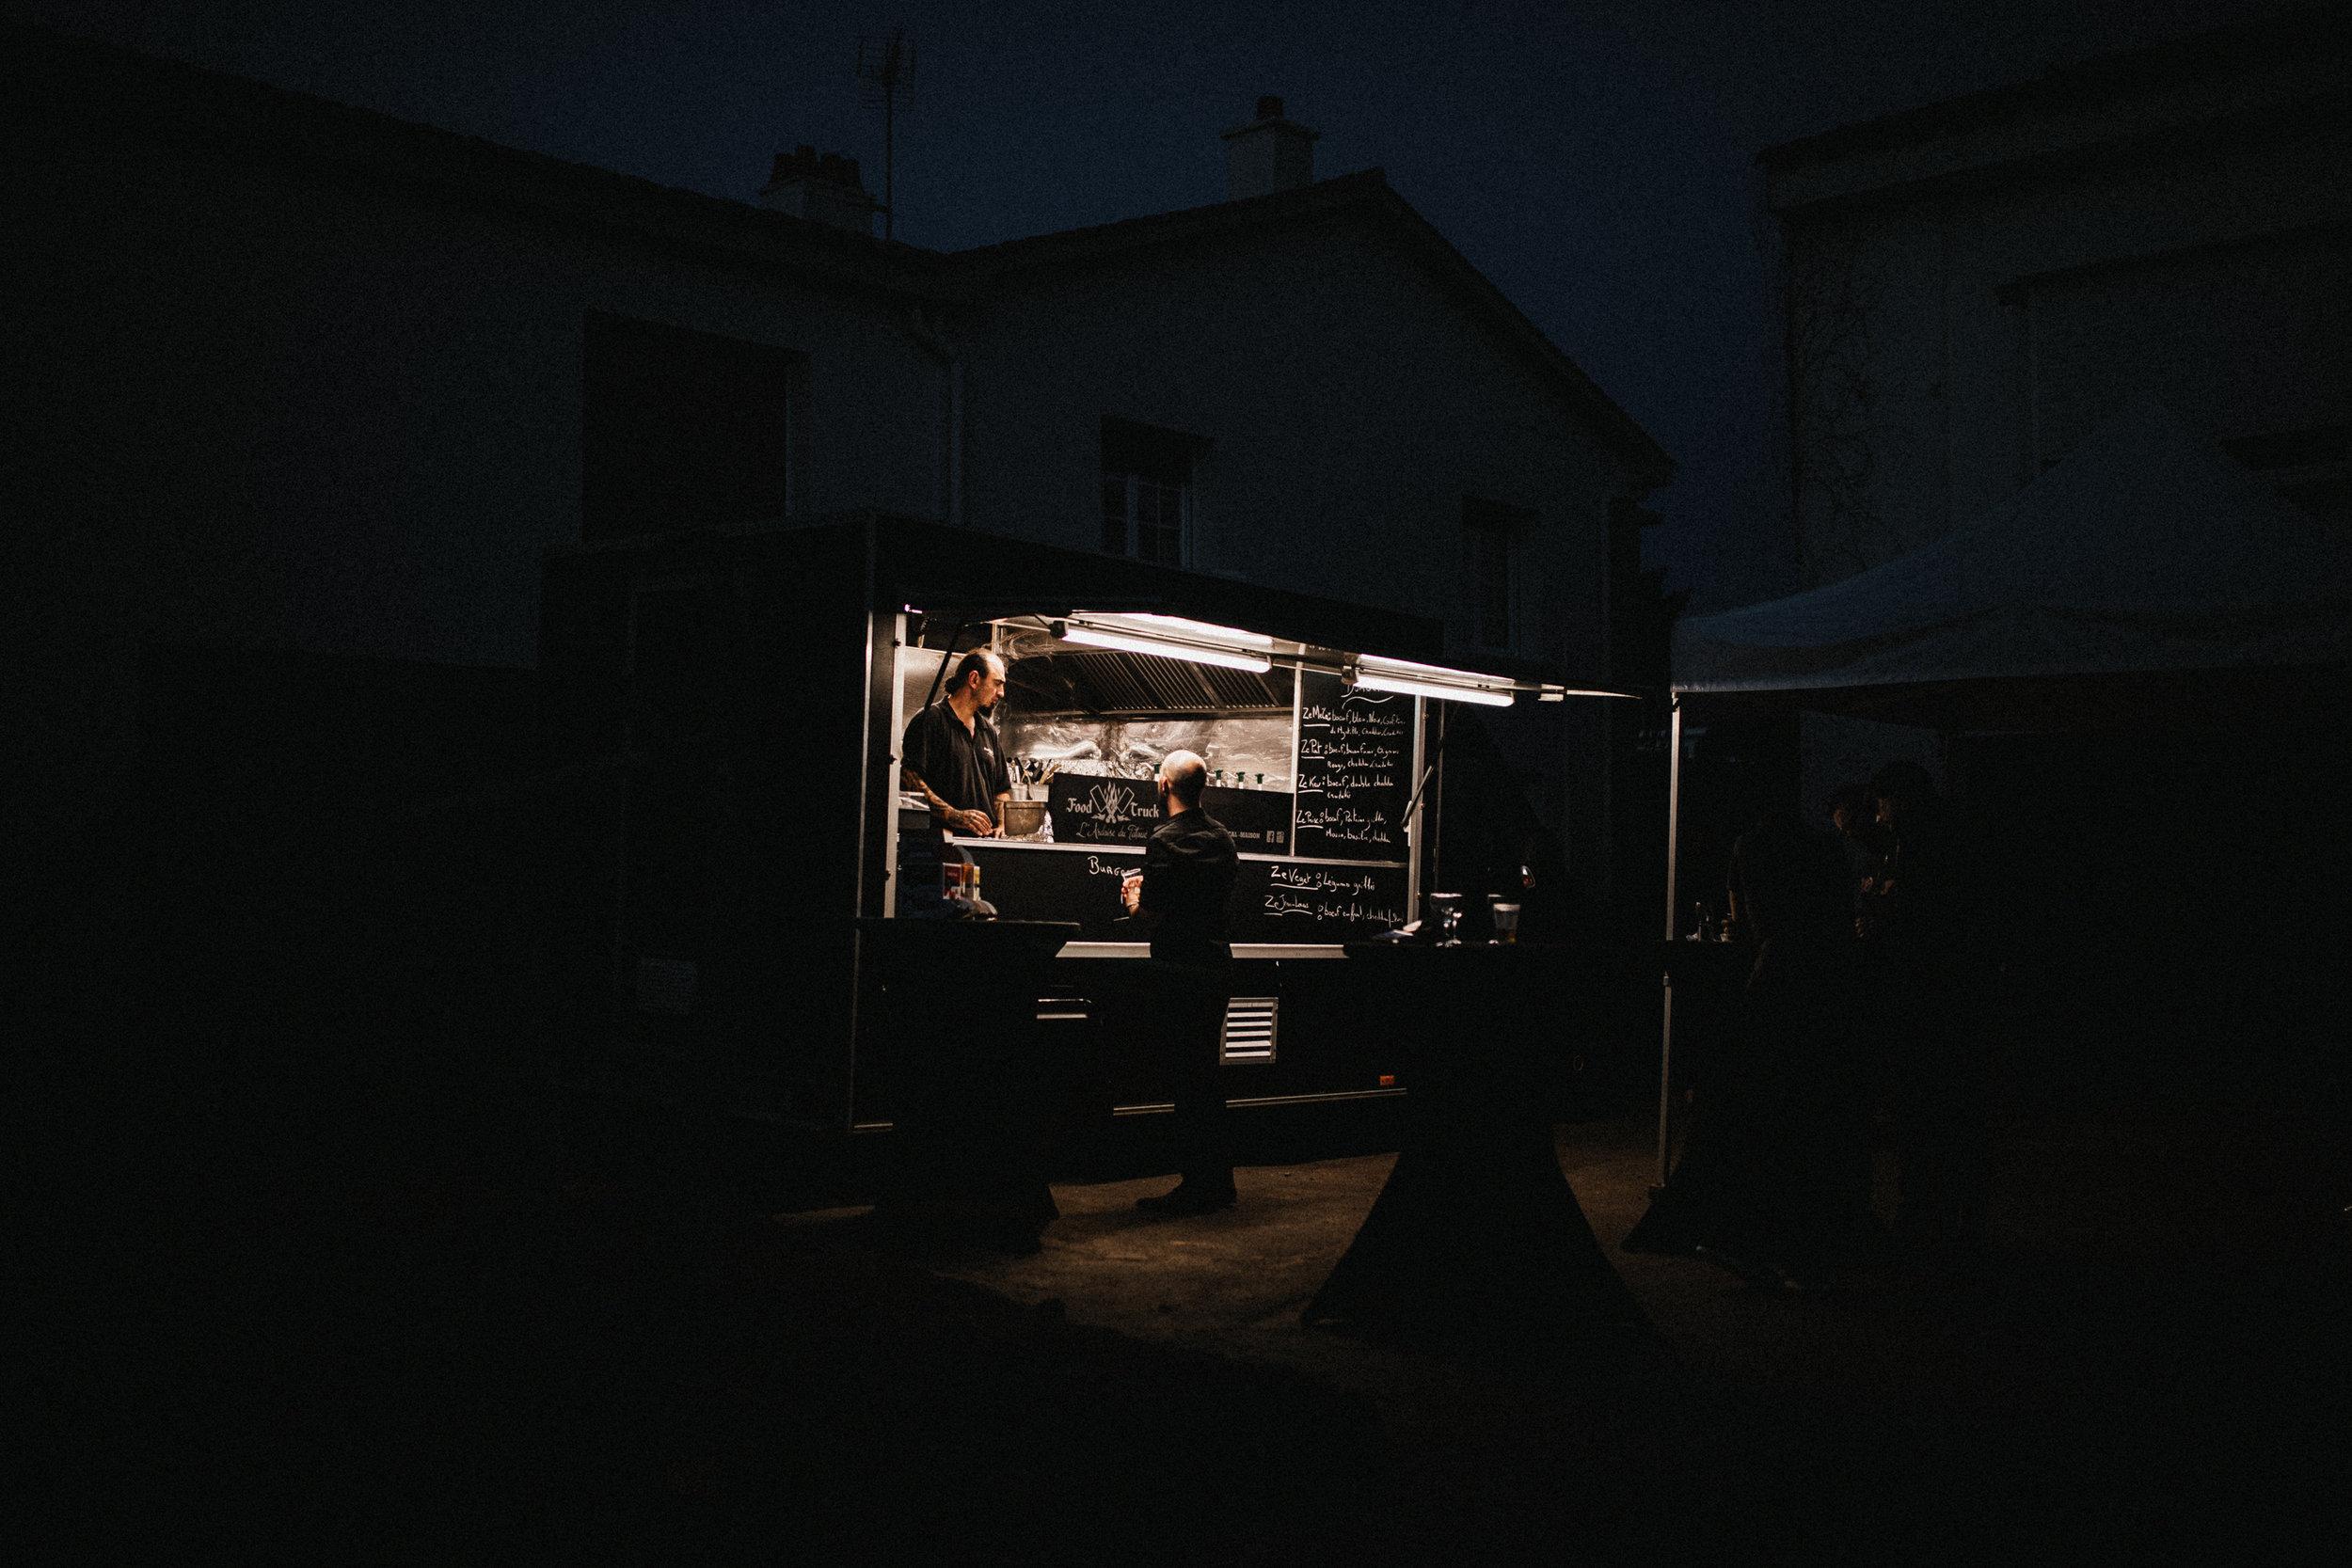 2019.06.01 food truck-9108.jpg